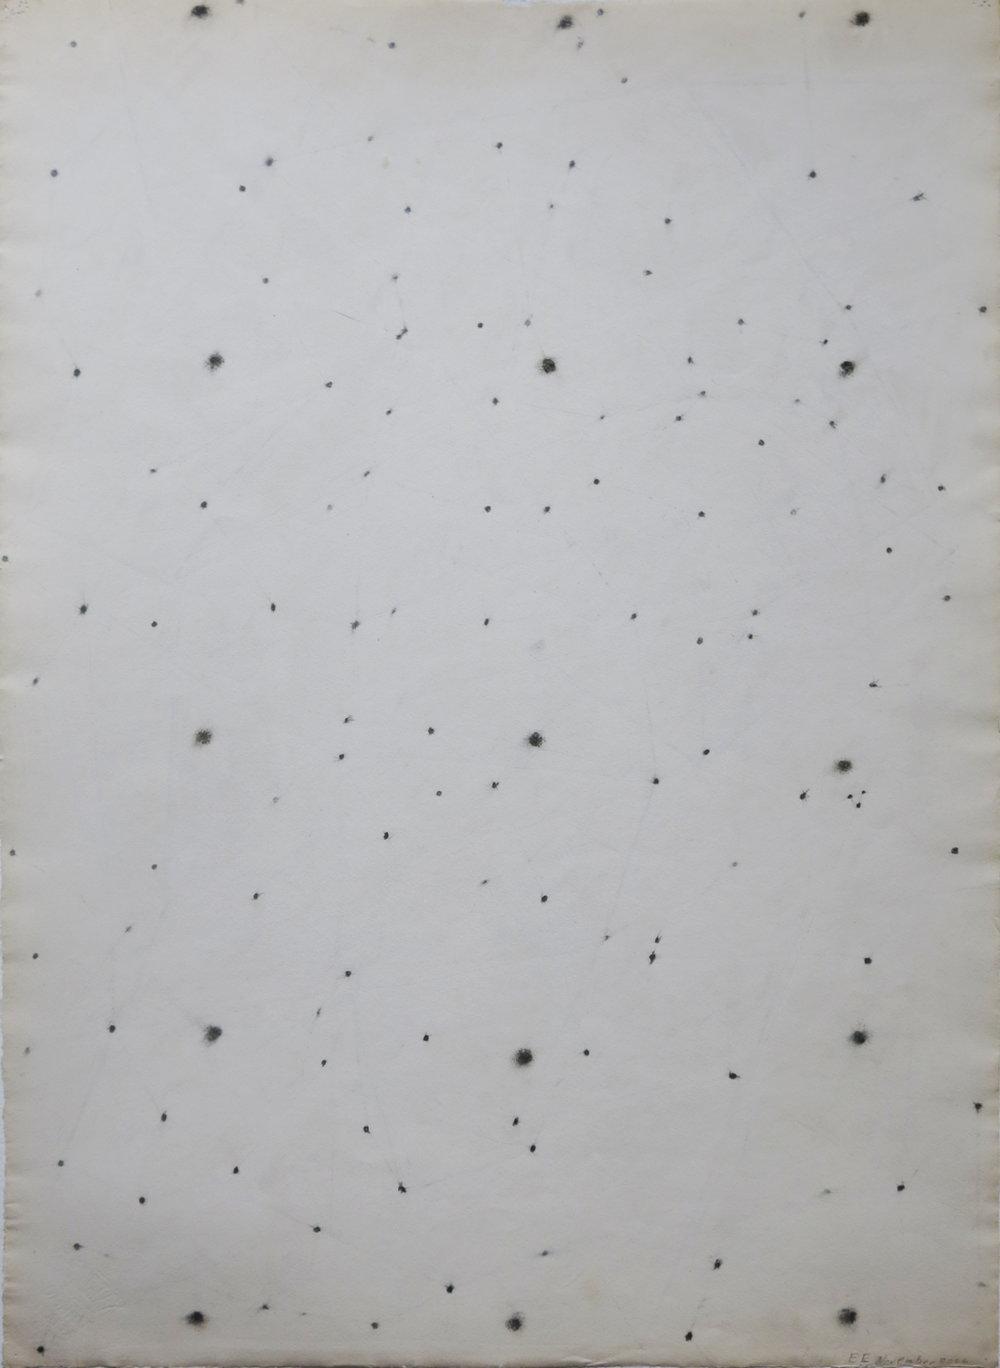 Edward Finnegan, (Constellation Series), November, 2006, Graphite on paper, 27.5h x 20w in.